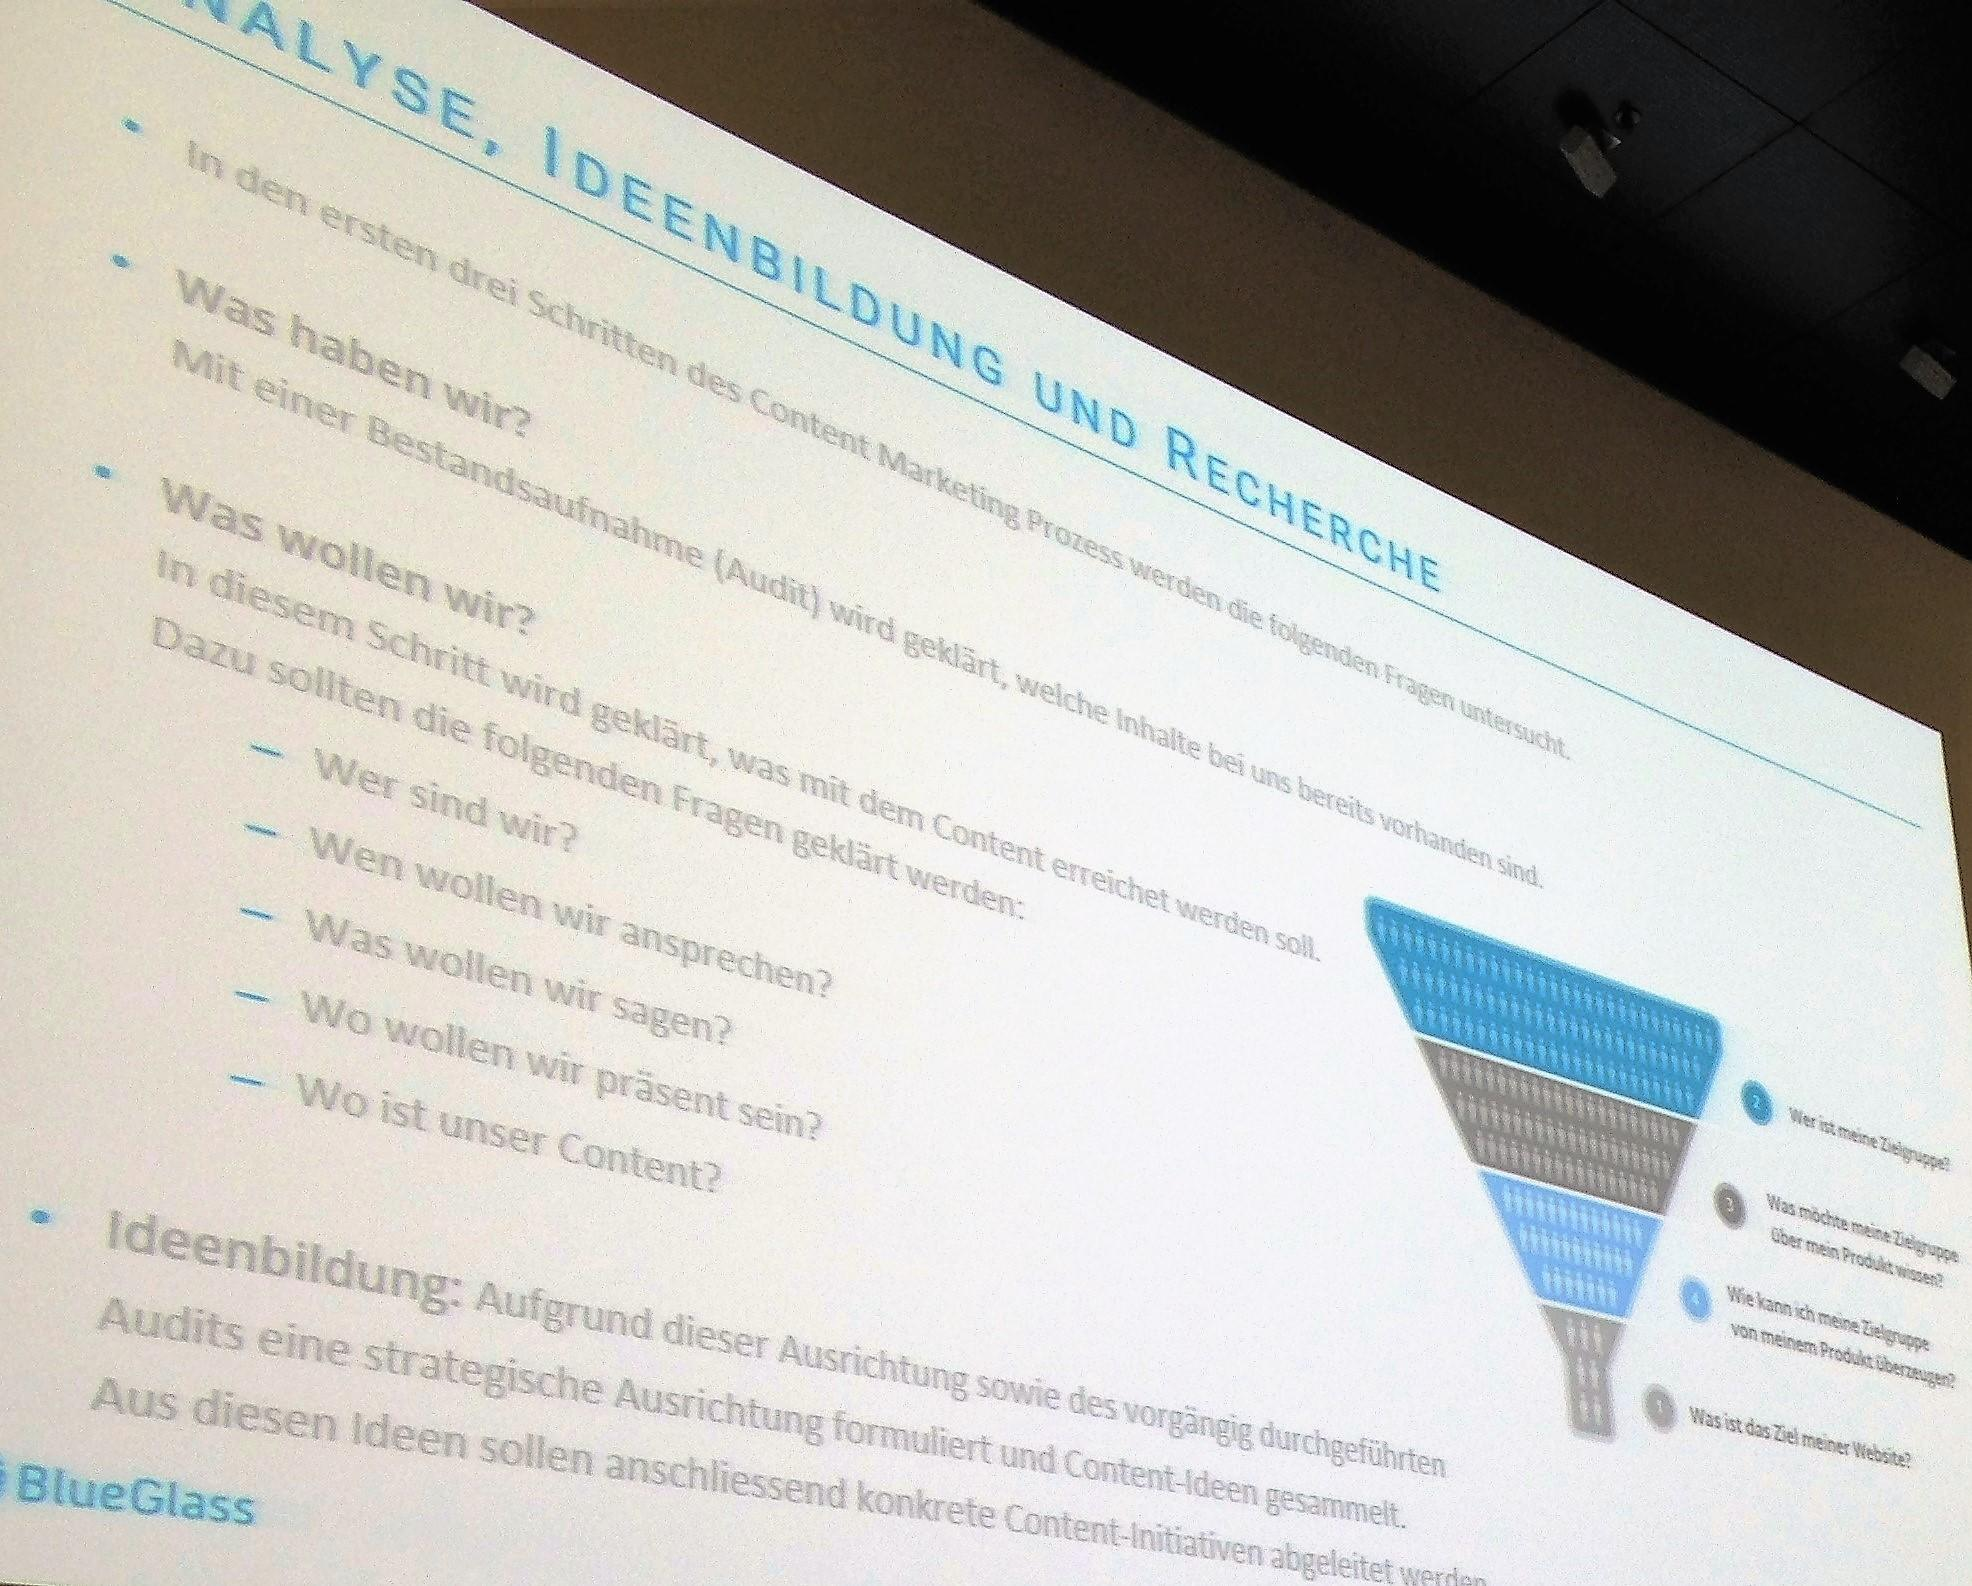 Analyse, Ideenbildung und Recherche für Content Marketing